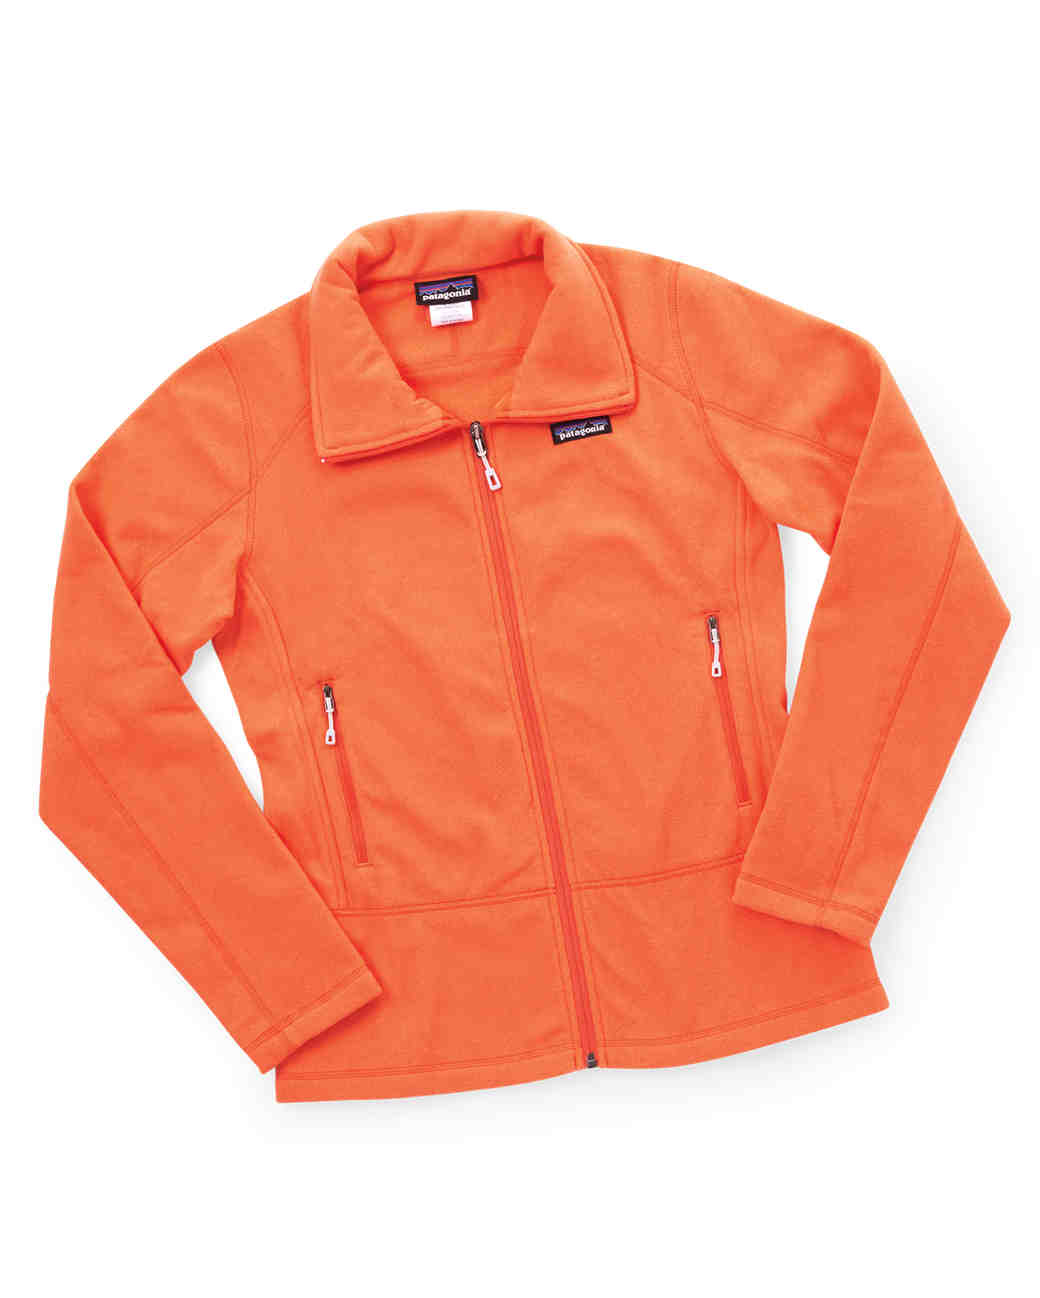 patagonia-jacket-0002-d112196.jpg